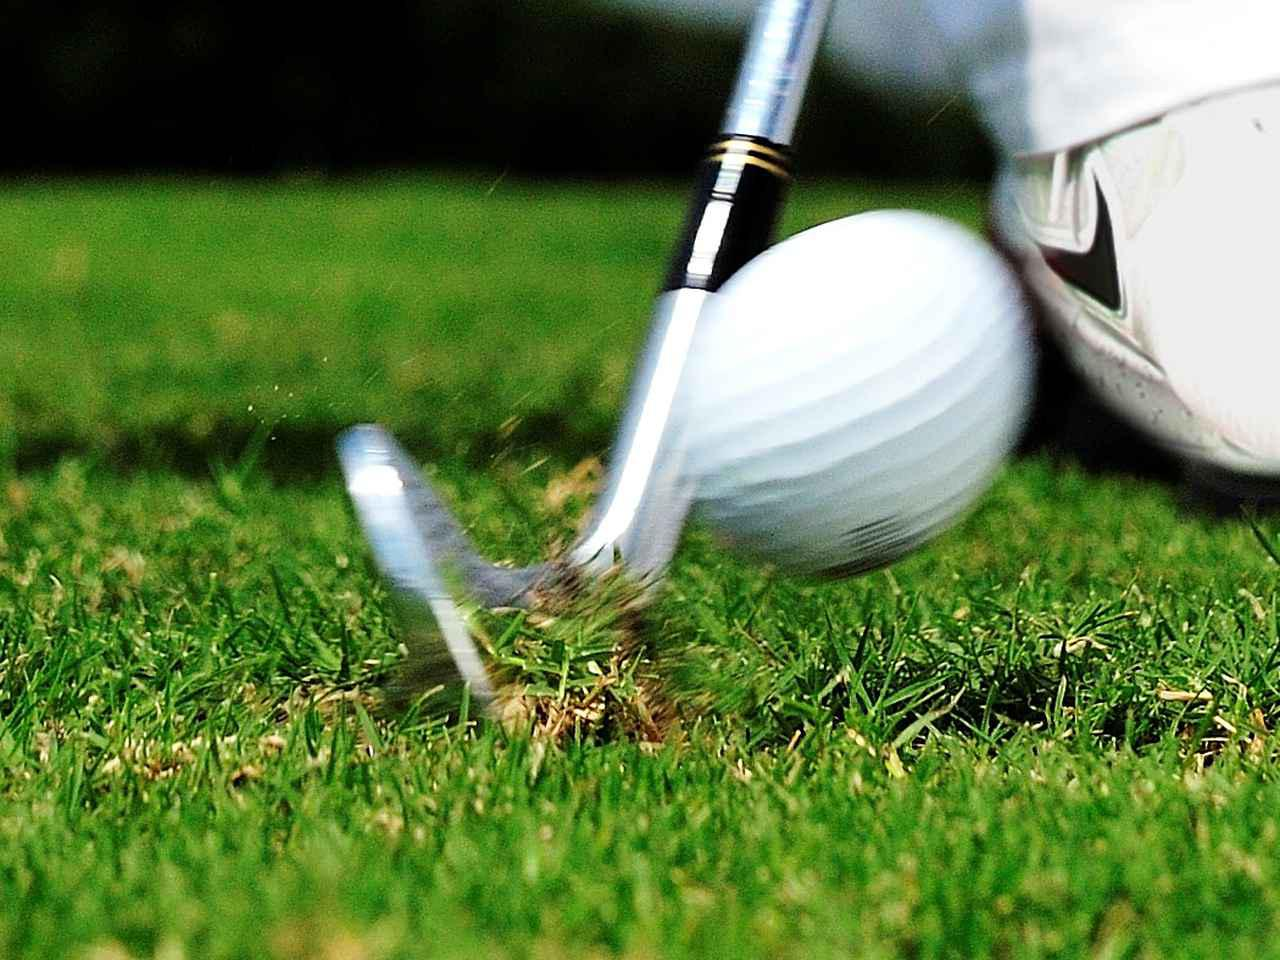 画像: 一般的なロフトのアイアンで飛ばせるゴルファーはロフトを立ててインパクトできている。一方ロフトの立った飛び系アイアンでも高く上げて飛ばせるのは、インパクトでロフトが寝てしまうぶんをリアルロフトでカバーしているから